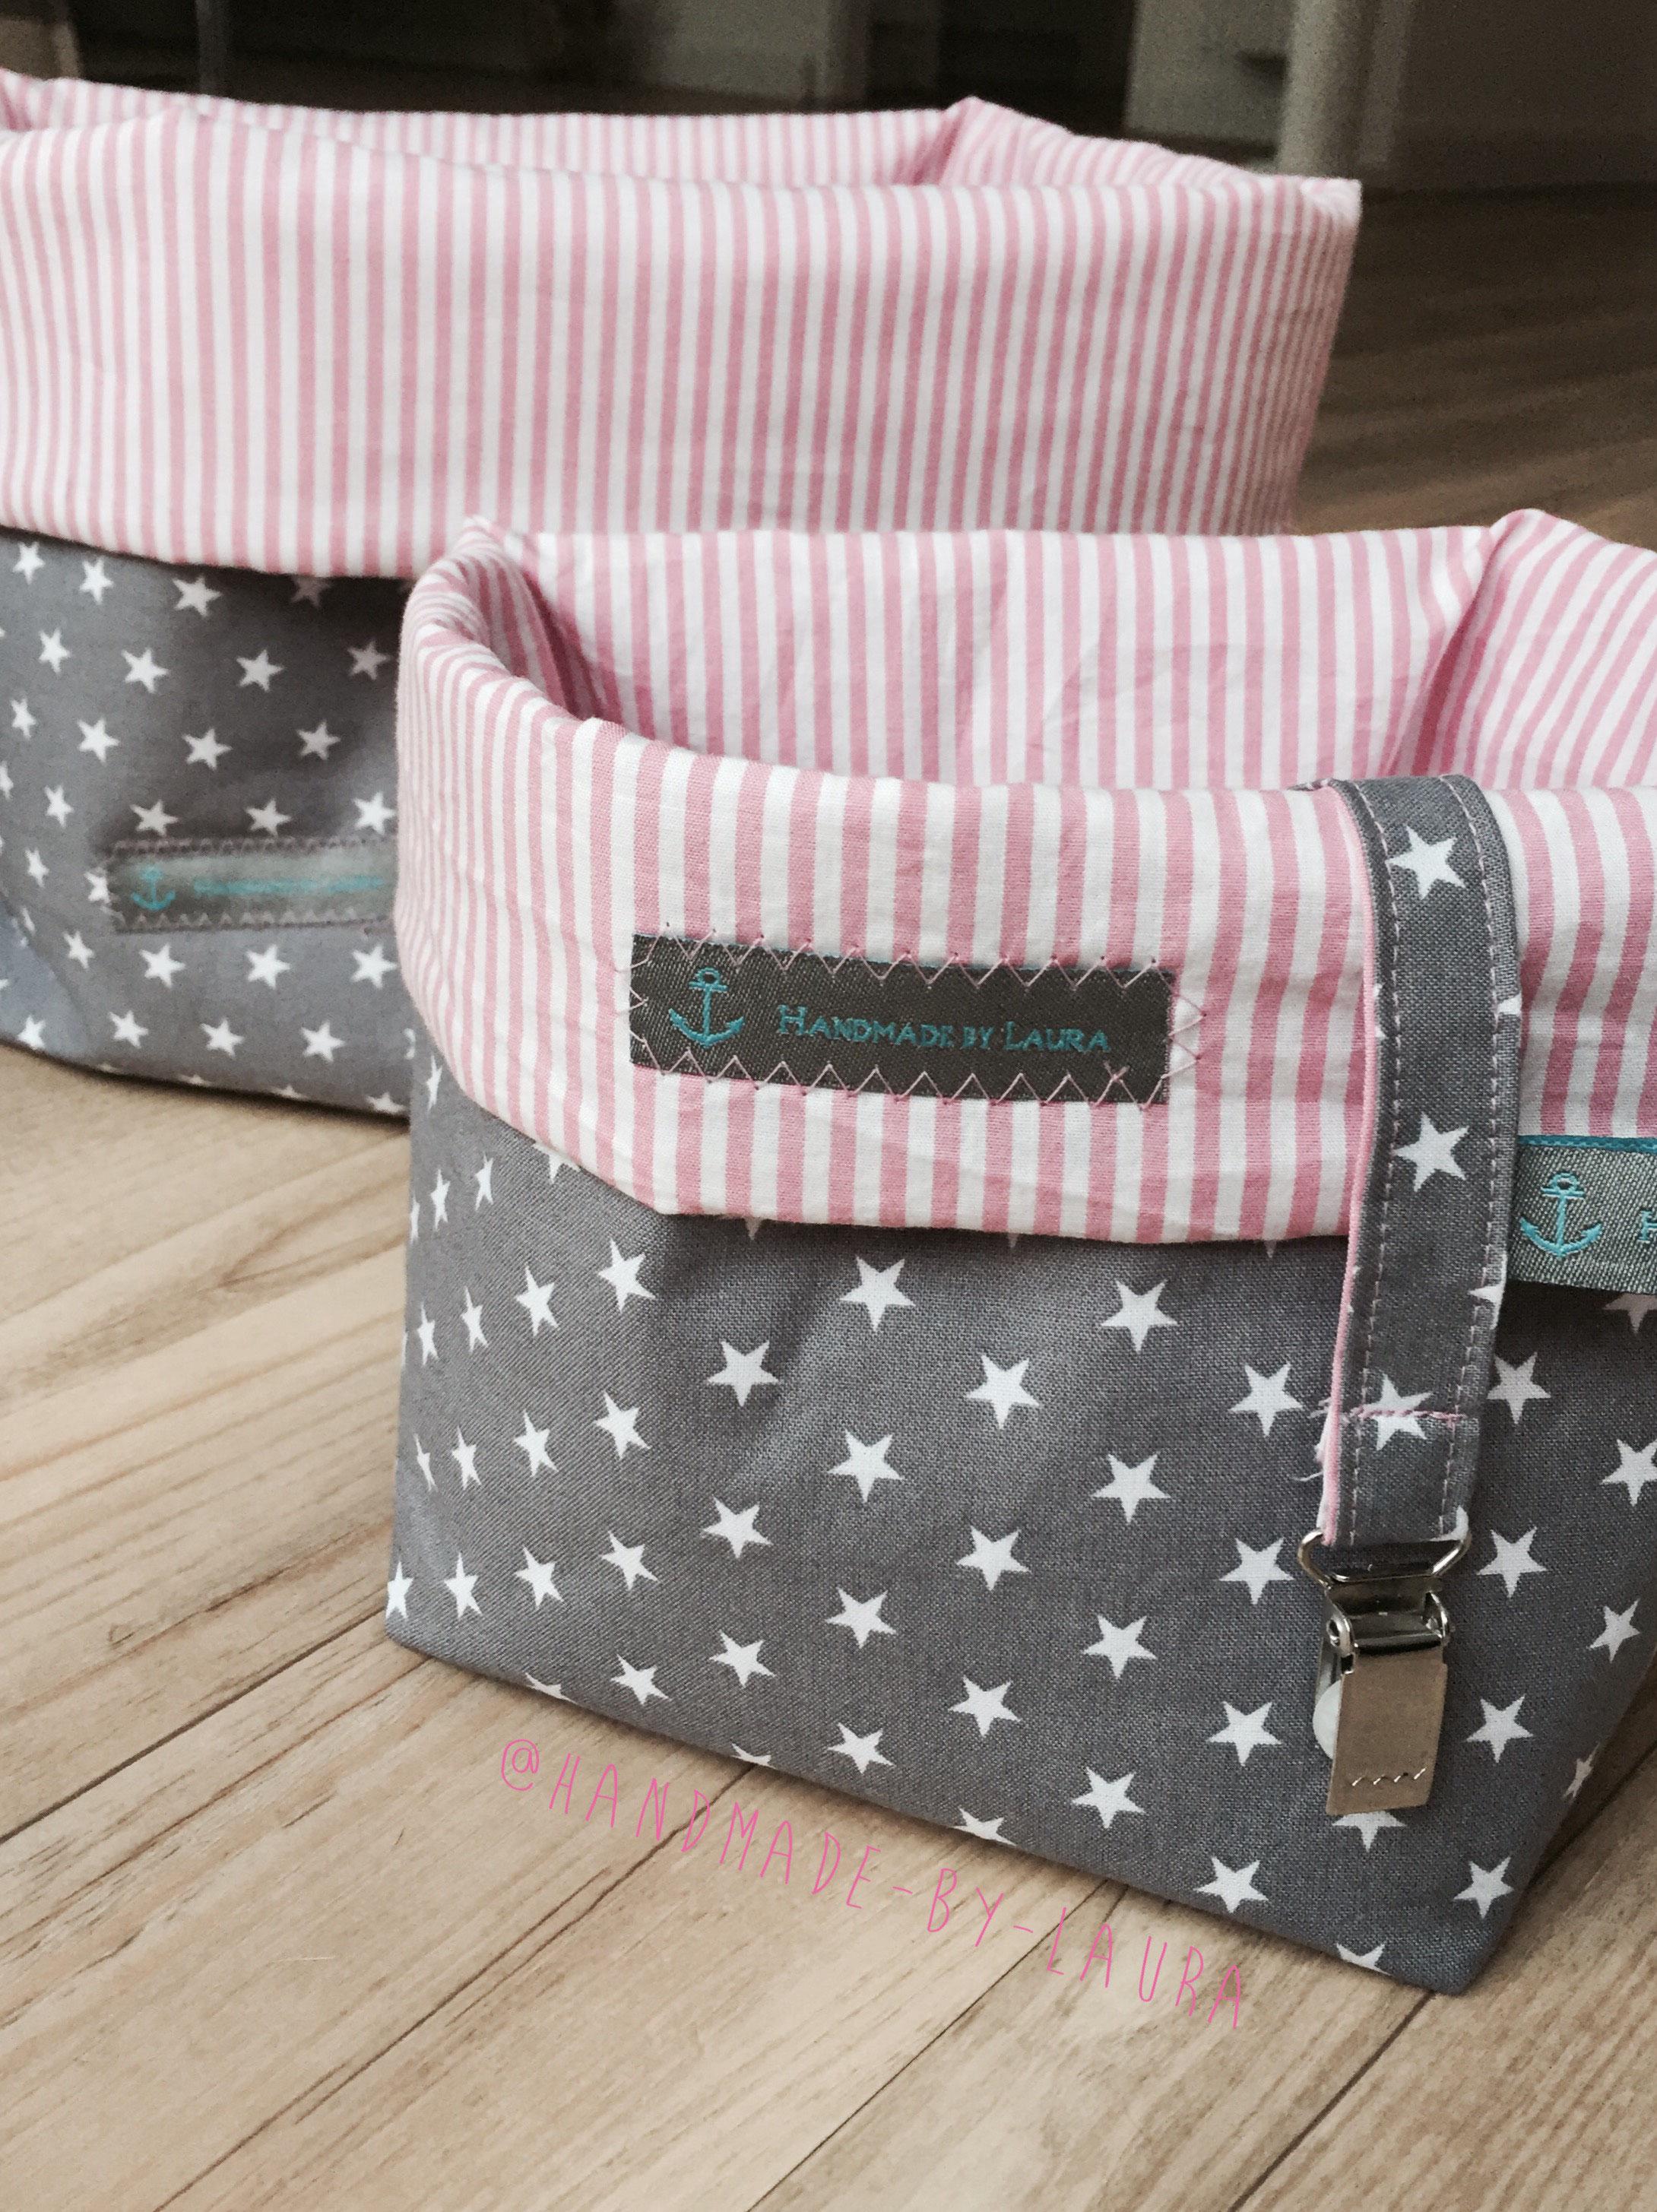 mit liebe selbstgen ht zur geburt das perfekte geschenk ein blog ber diy projekte und n hen. Black Bedroom Furniture Sets. Home Design Ideas